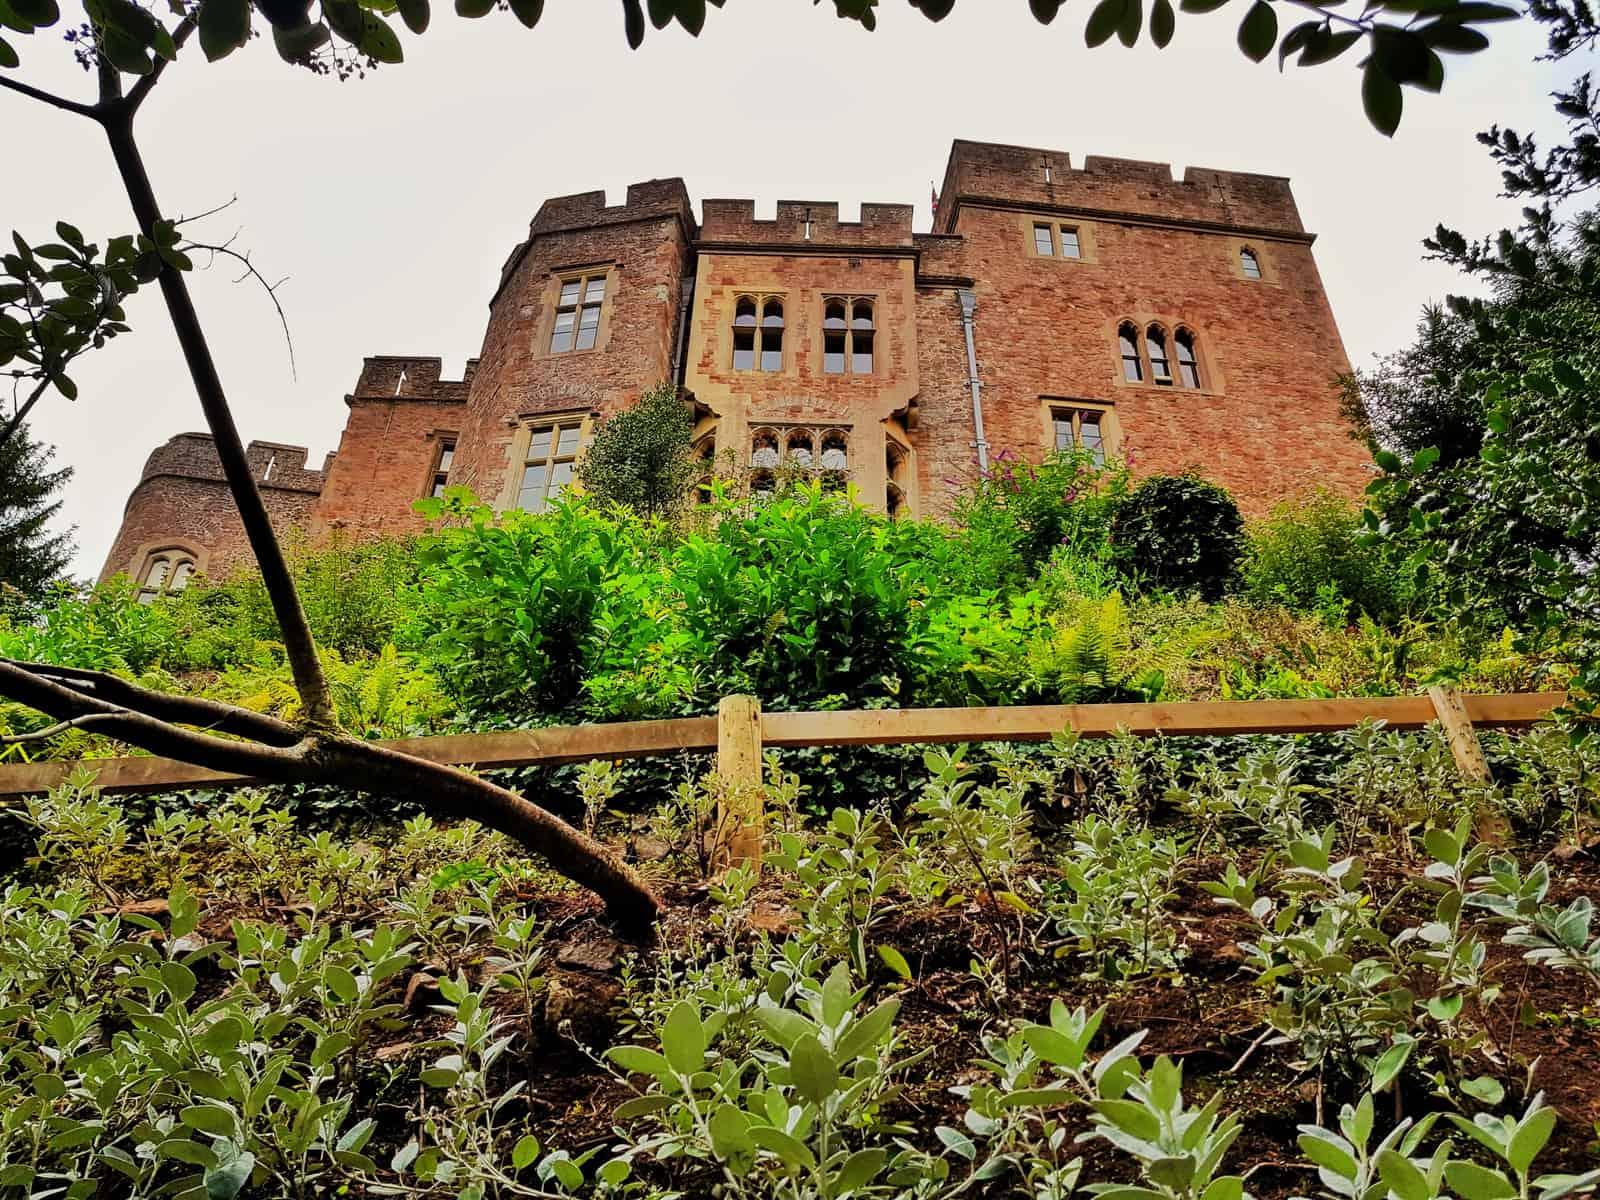 Hoburne Blue Anchor Dunster Castle